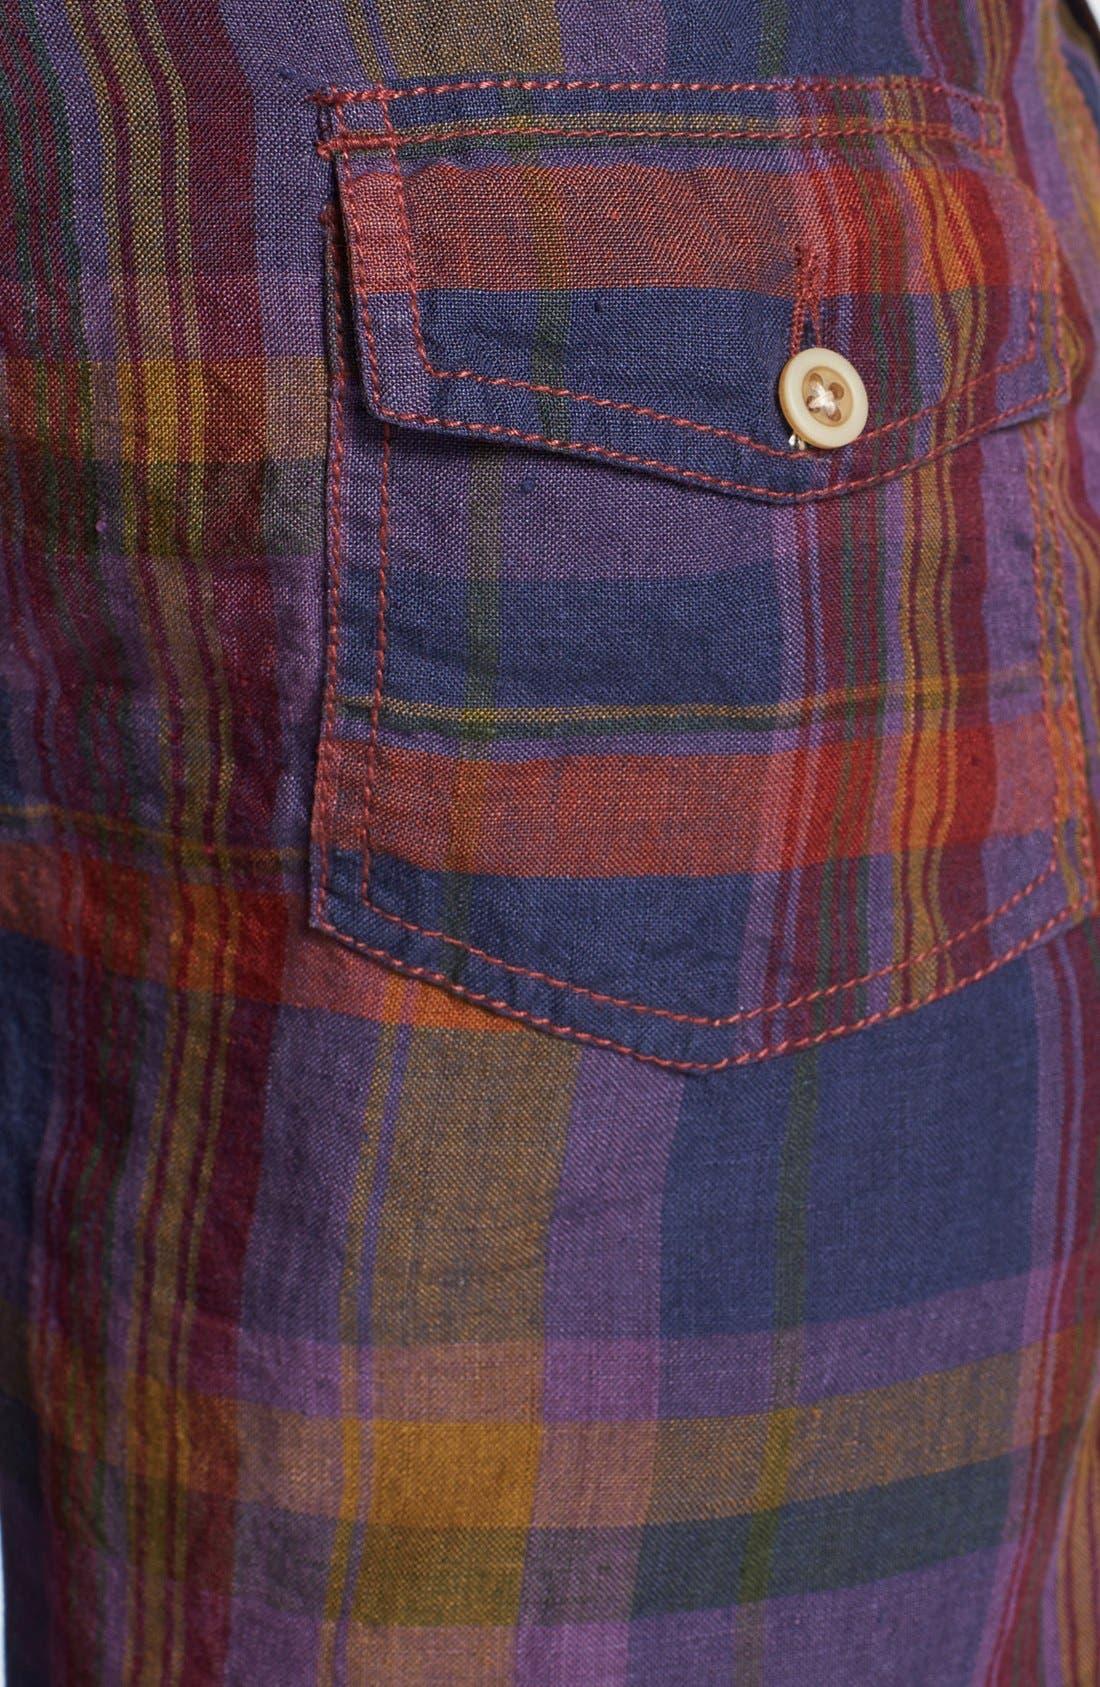 Alternate Image 3  - Shirt by Shirt 'Guam' Plaid Shorts